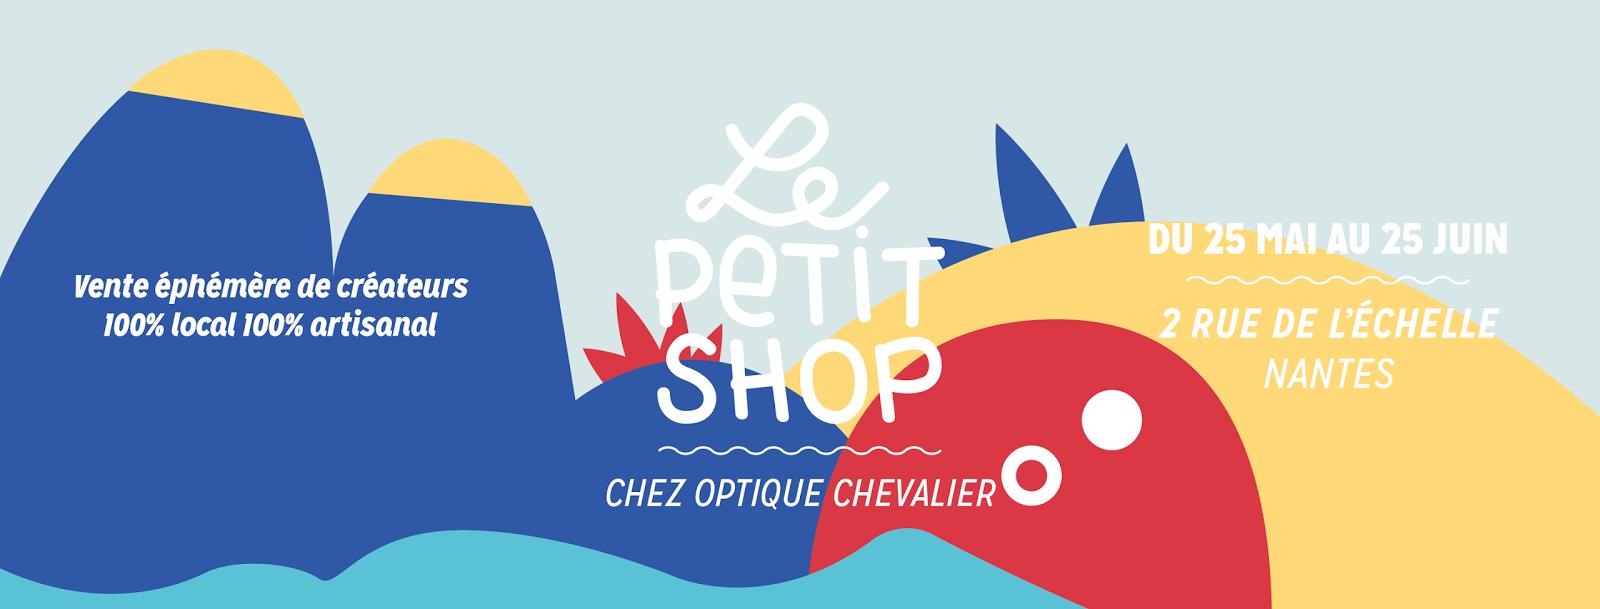 Team Etsy Nantes Le Petit Shop Chez Optique Chevalier